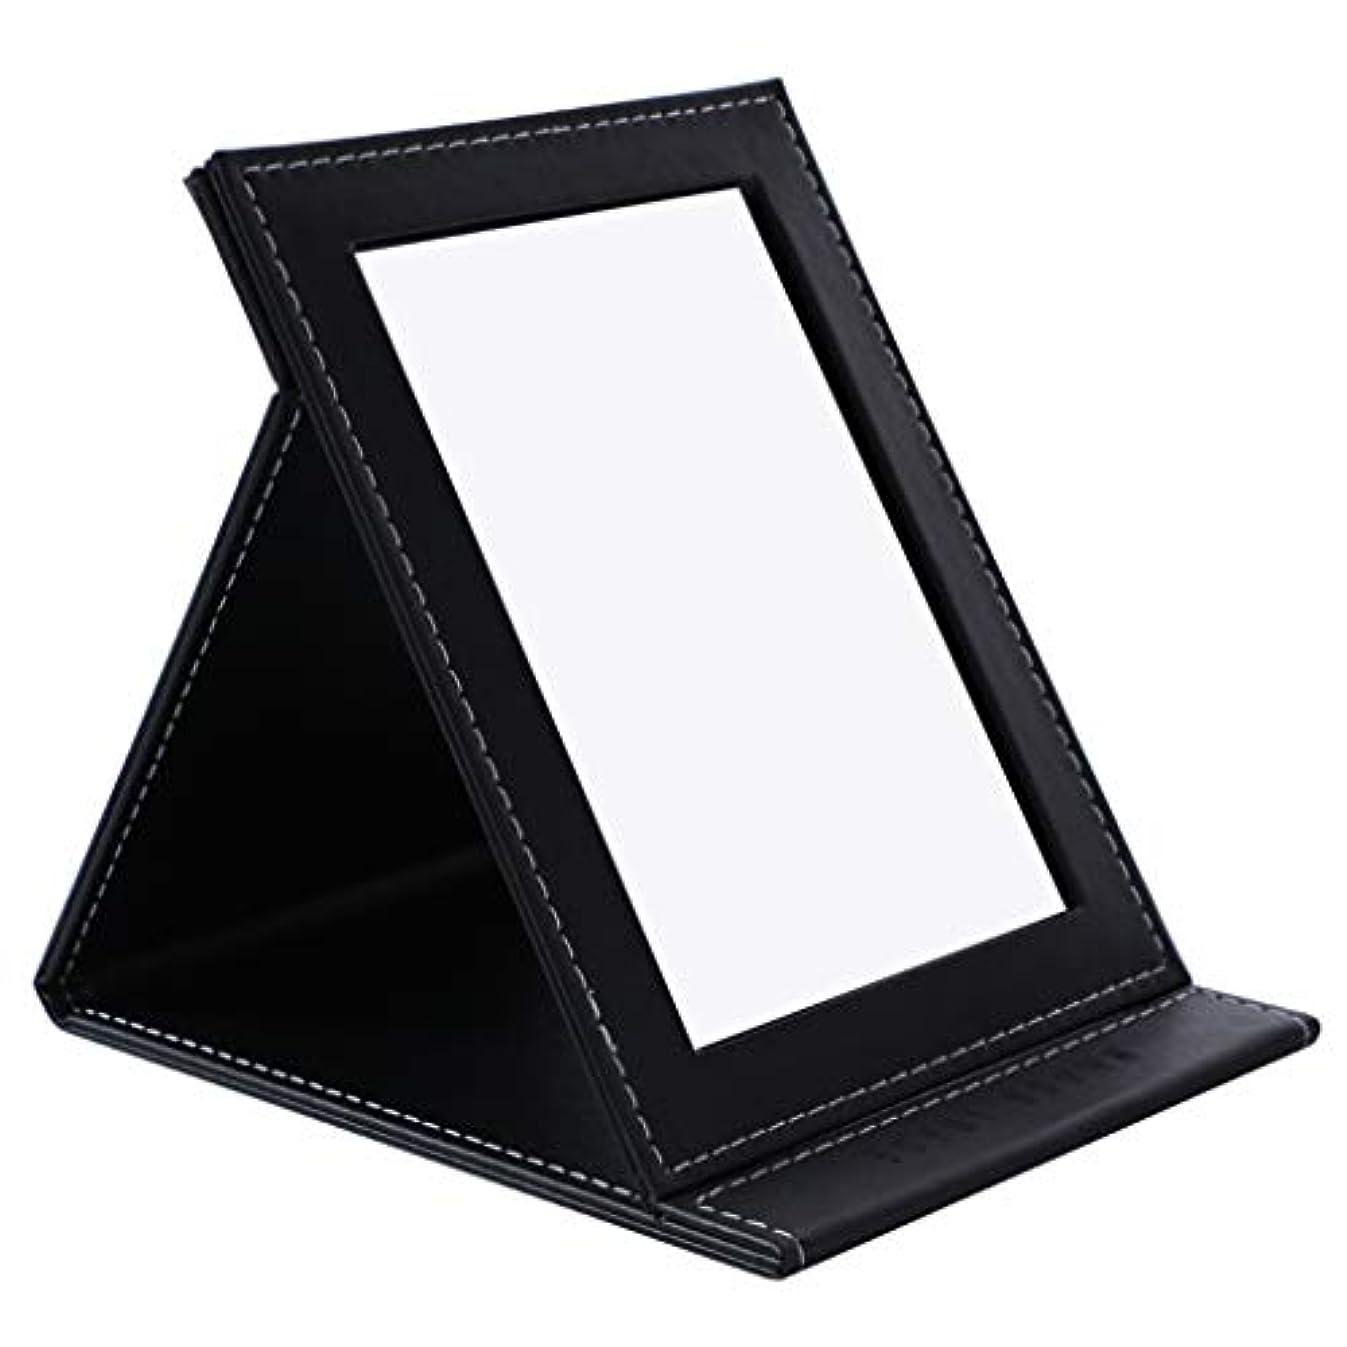 終点時刻表デッキデスクトップの虚栄心ミラーHD折りたたみミラー卓上化粧鏡ポータブル用女の子学生女性,黒